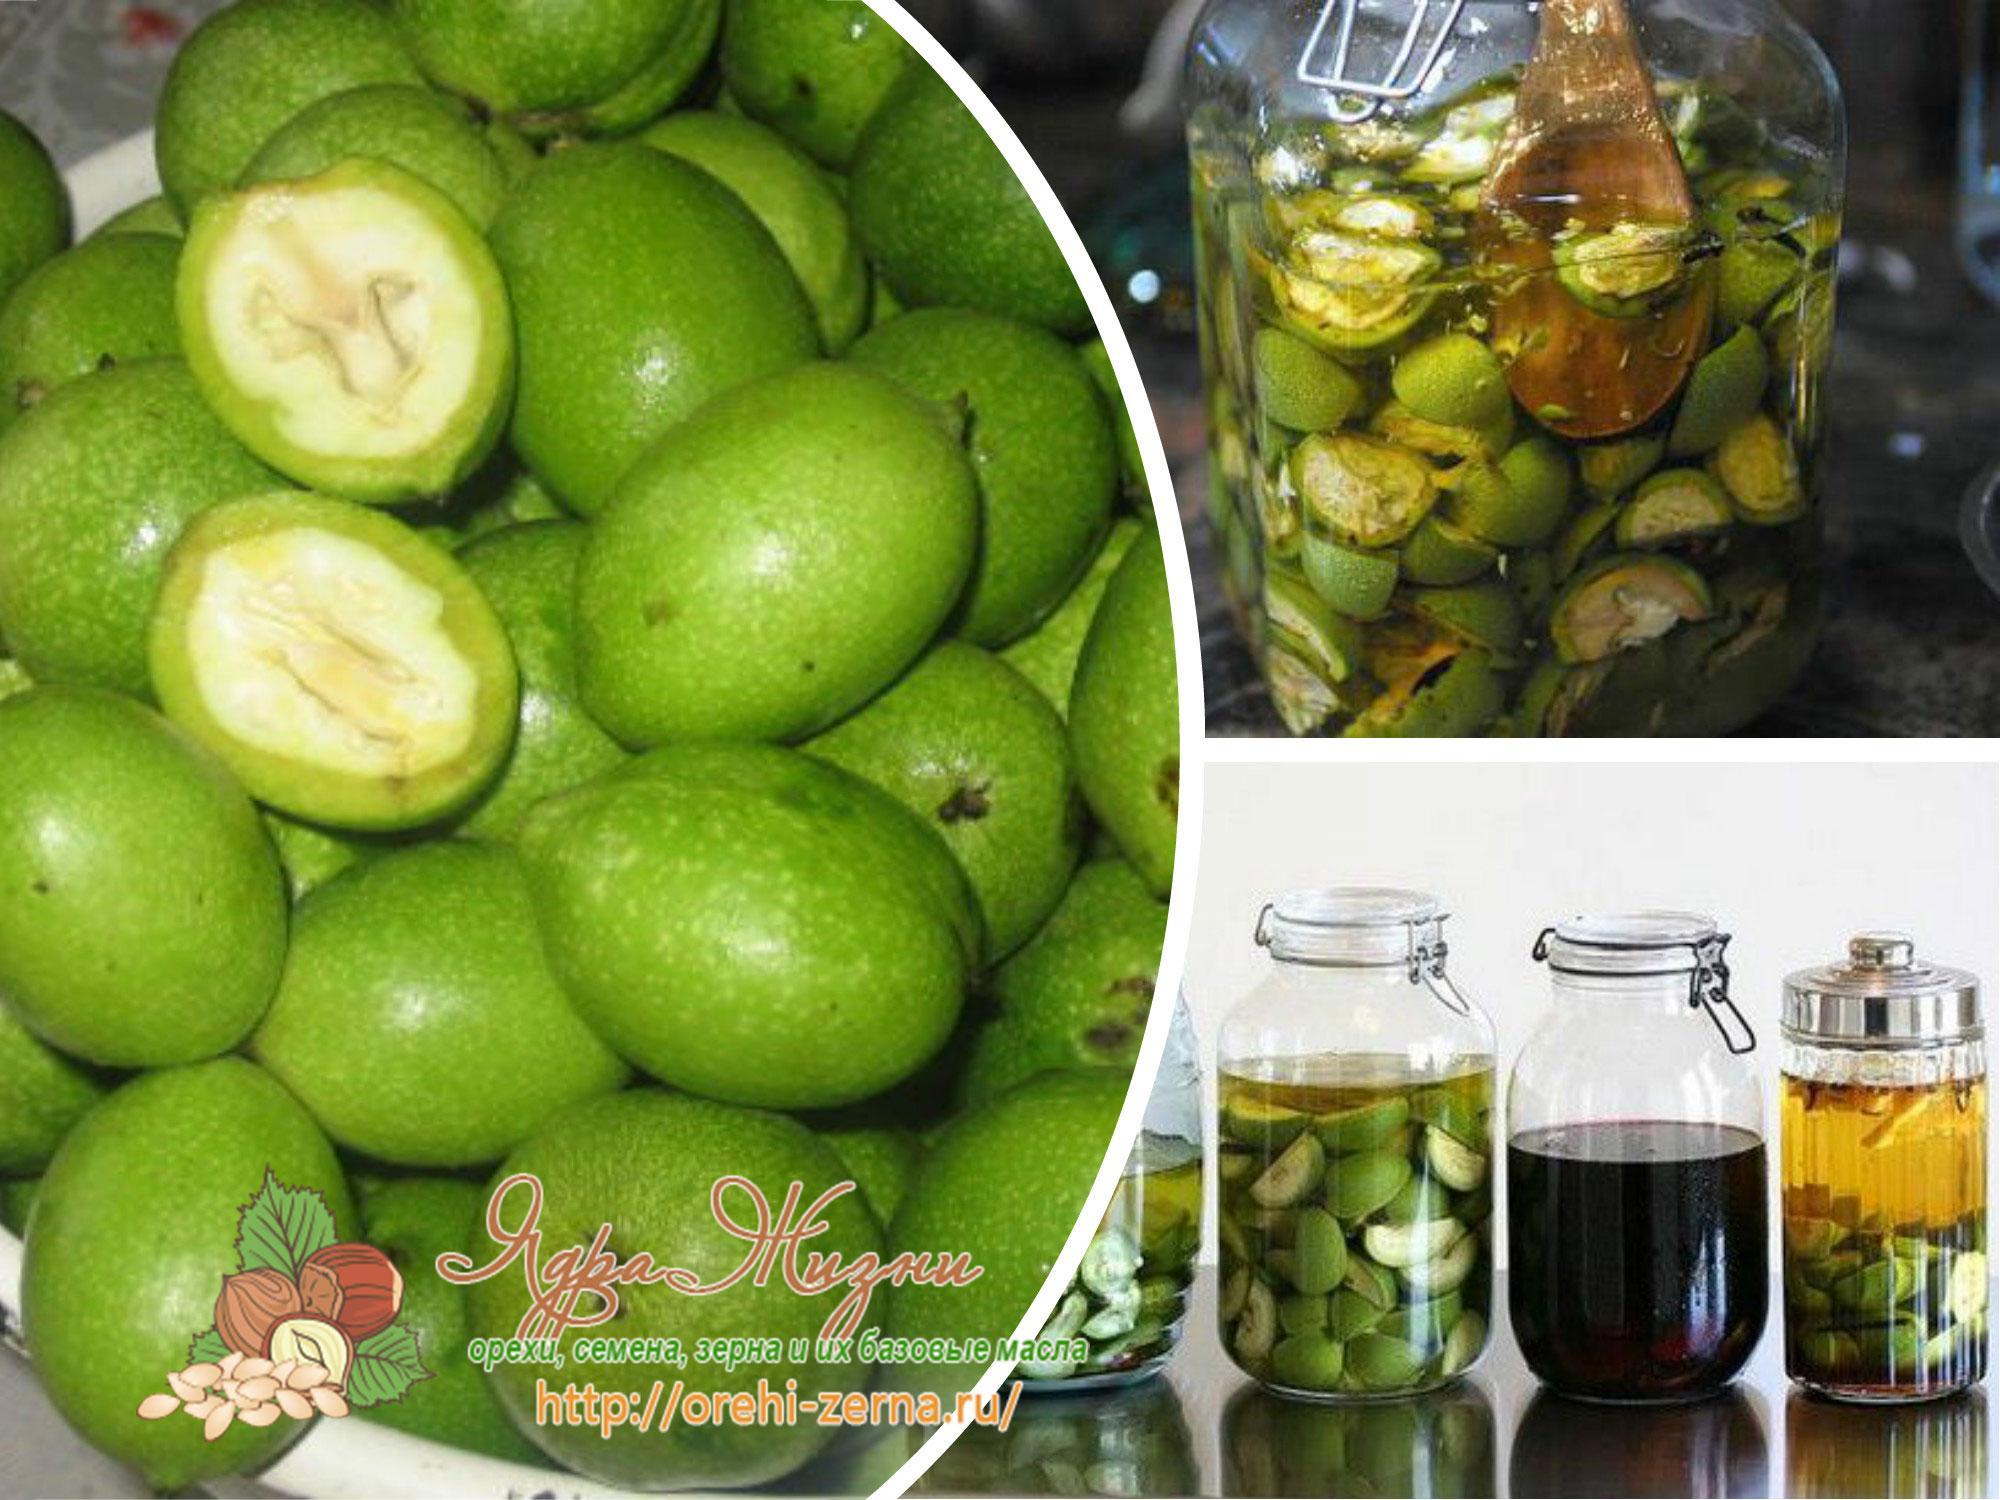 Рецепт приготовления настойки зеленых грецких орехов на спирту